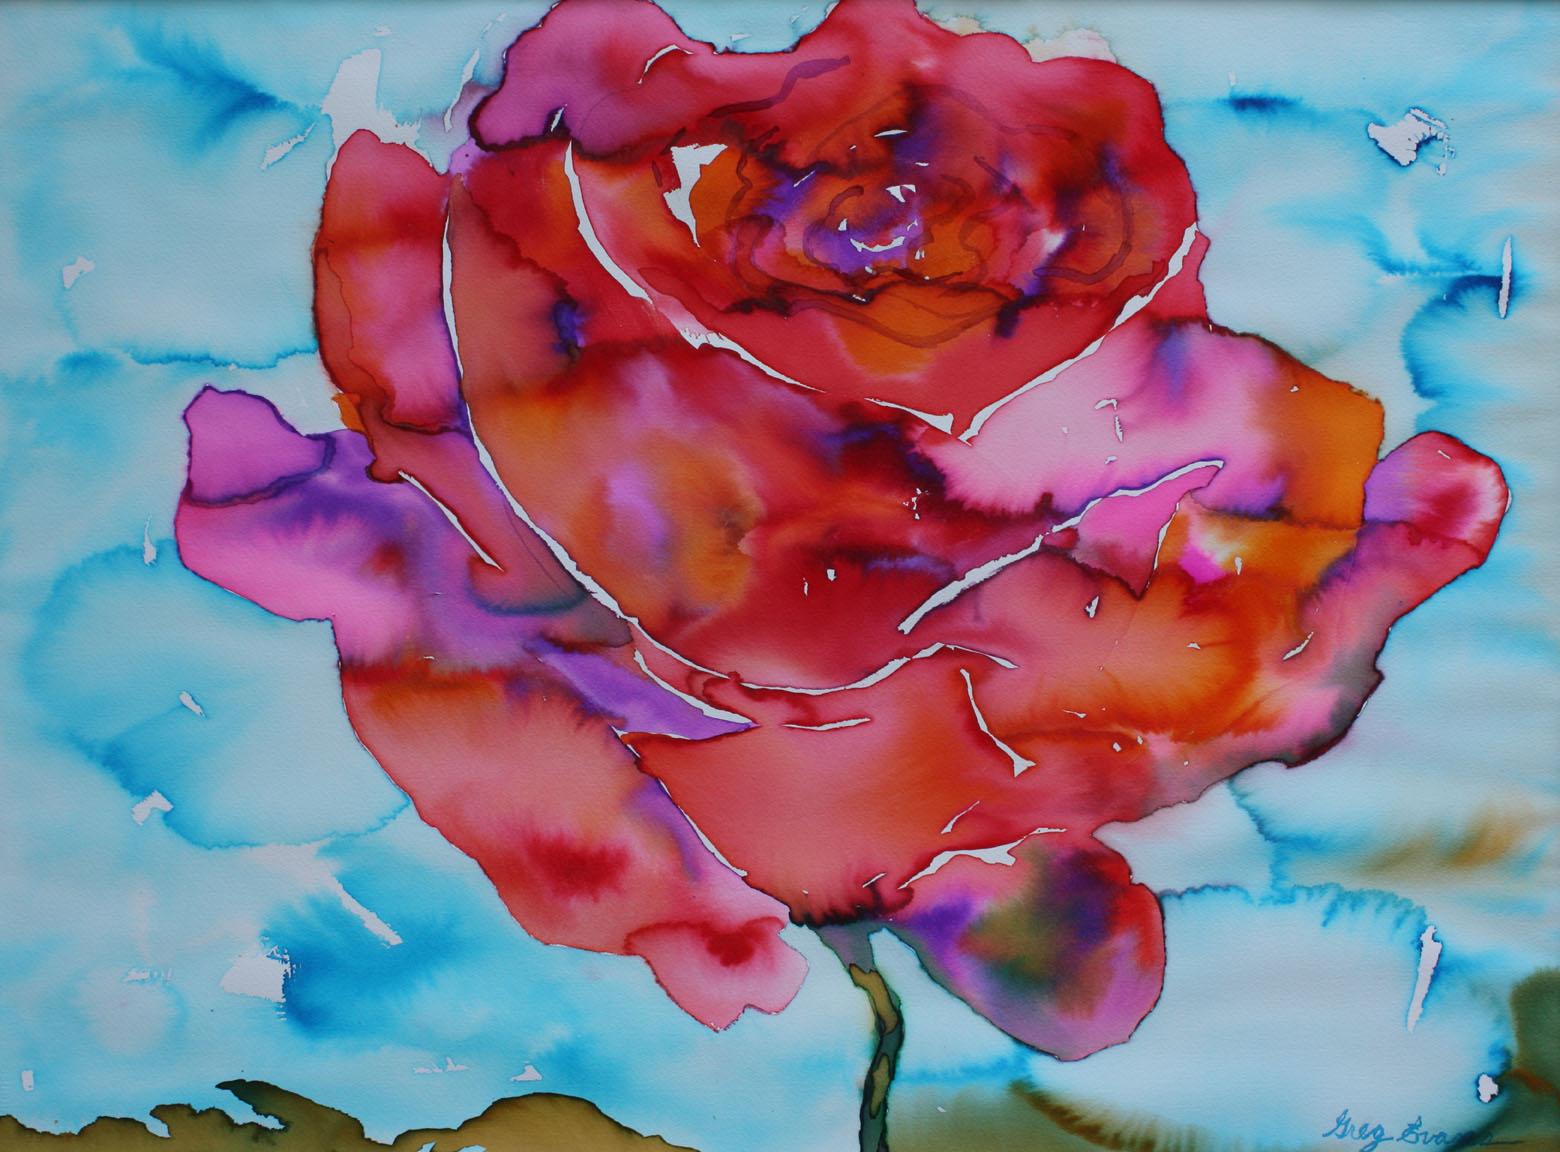 watercolor flowers paintings art gallery of greg evans